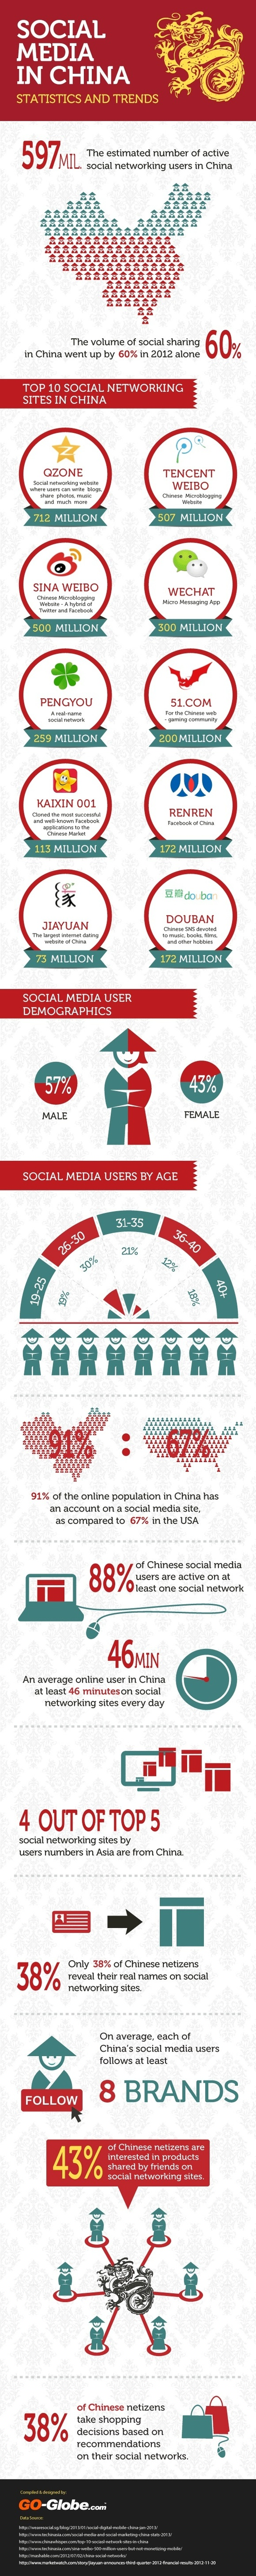 Les médias sociaux en Chine